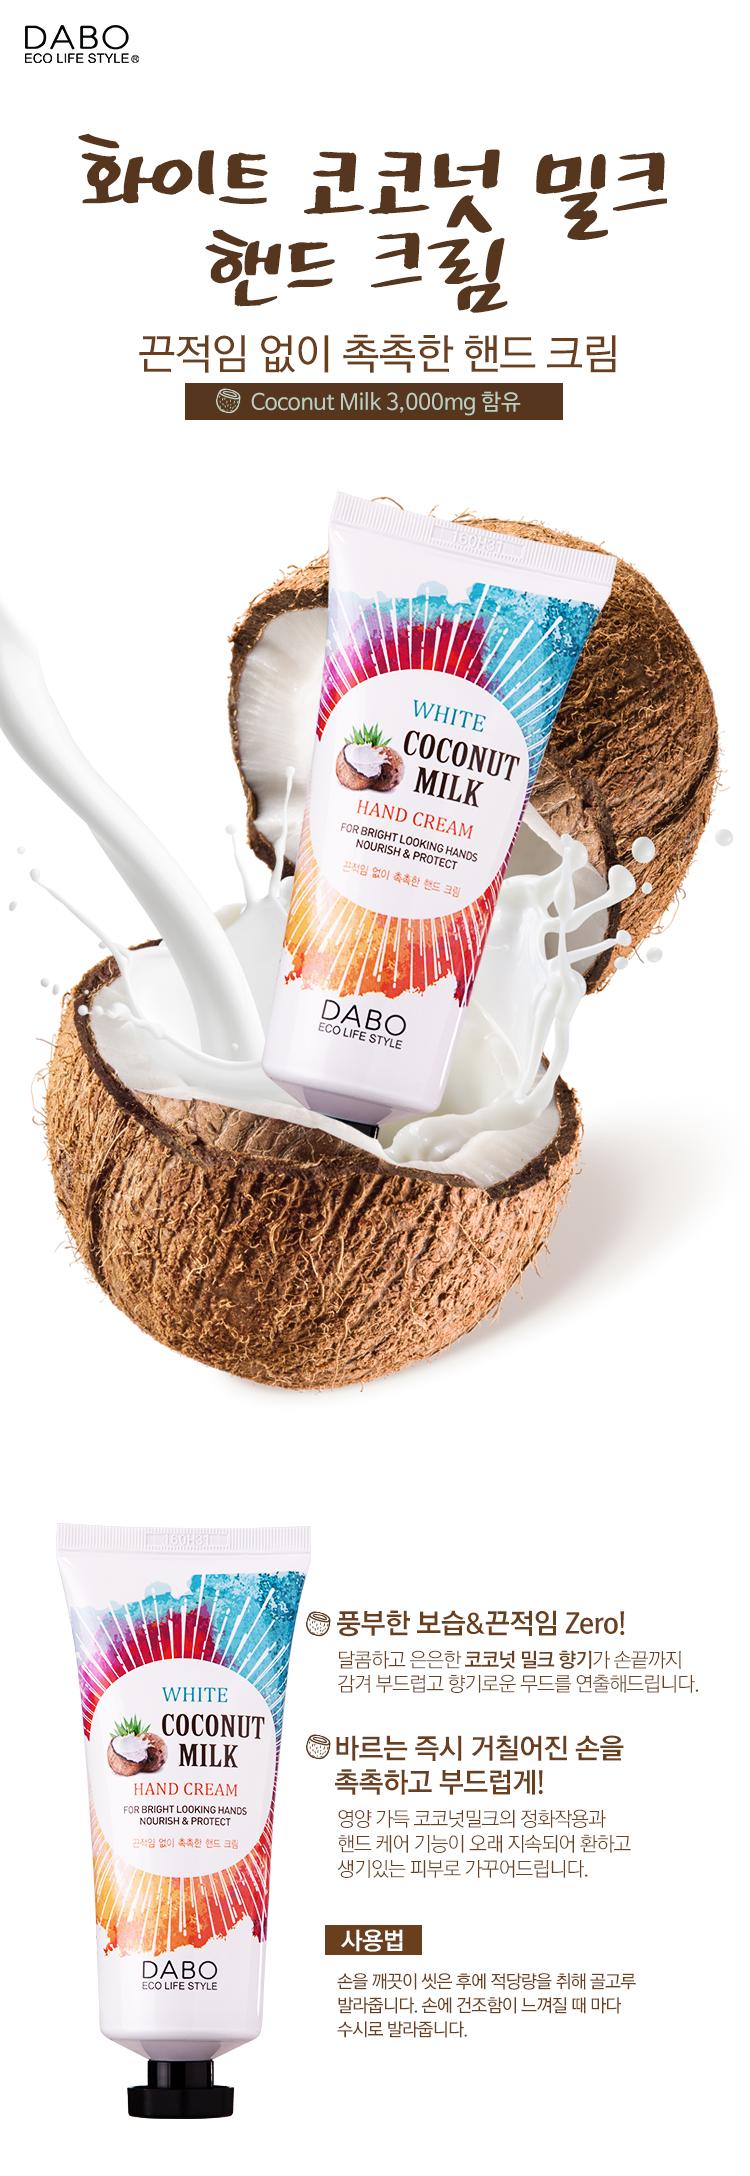 대용량 코코넛 핸드크림 100ml